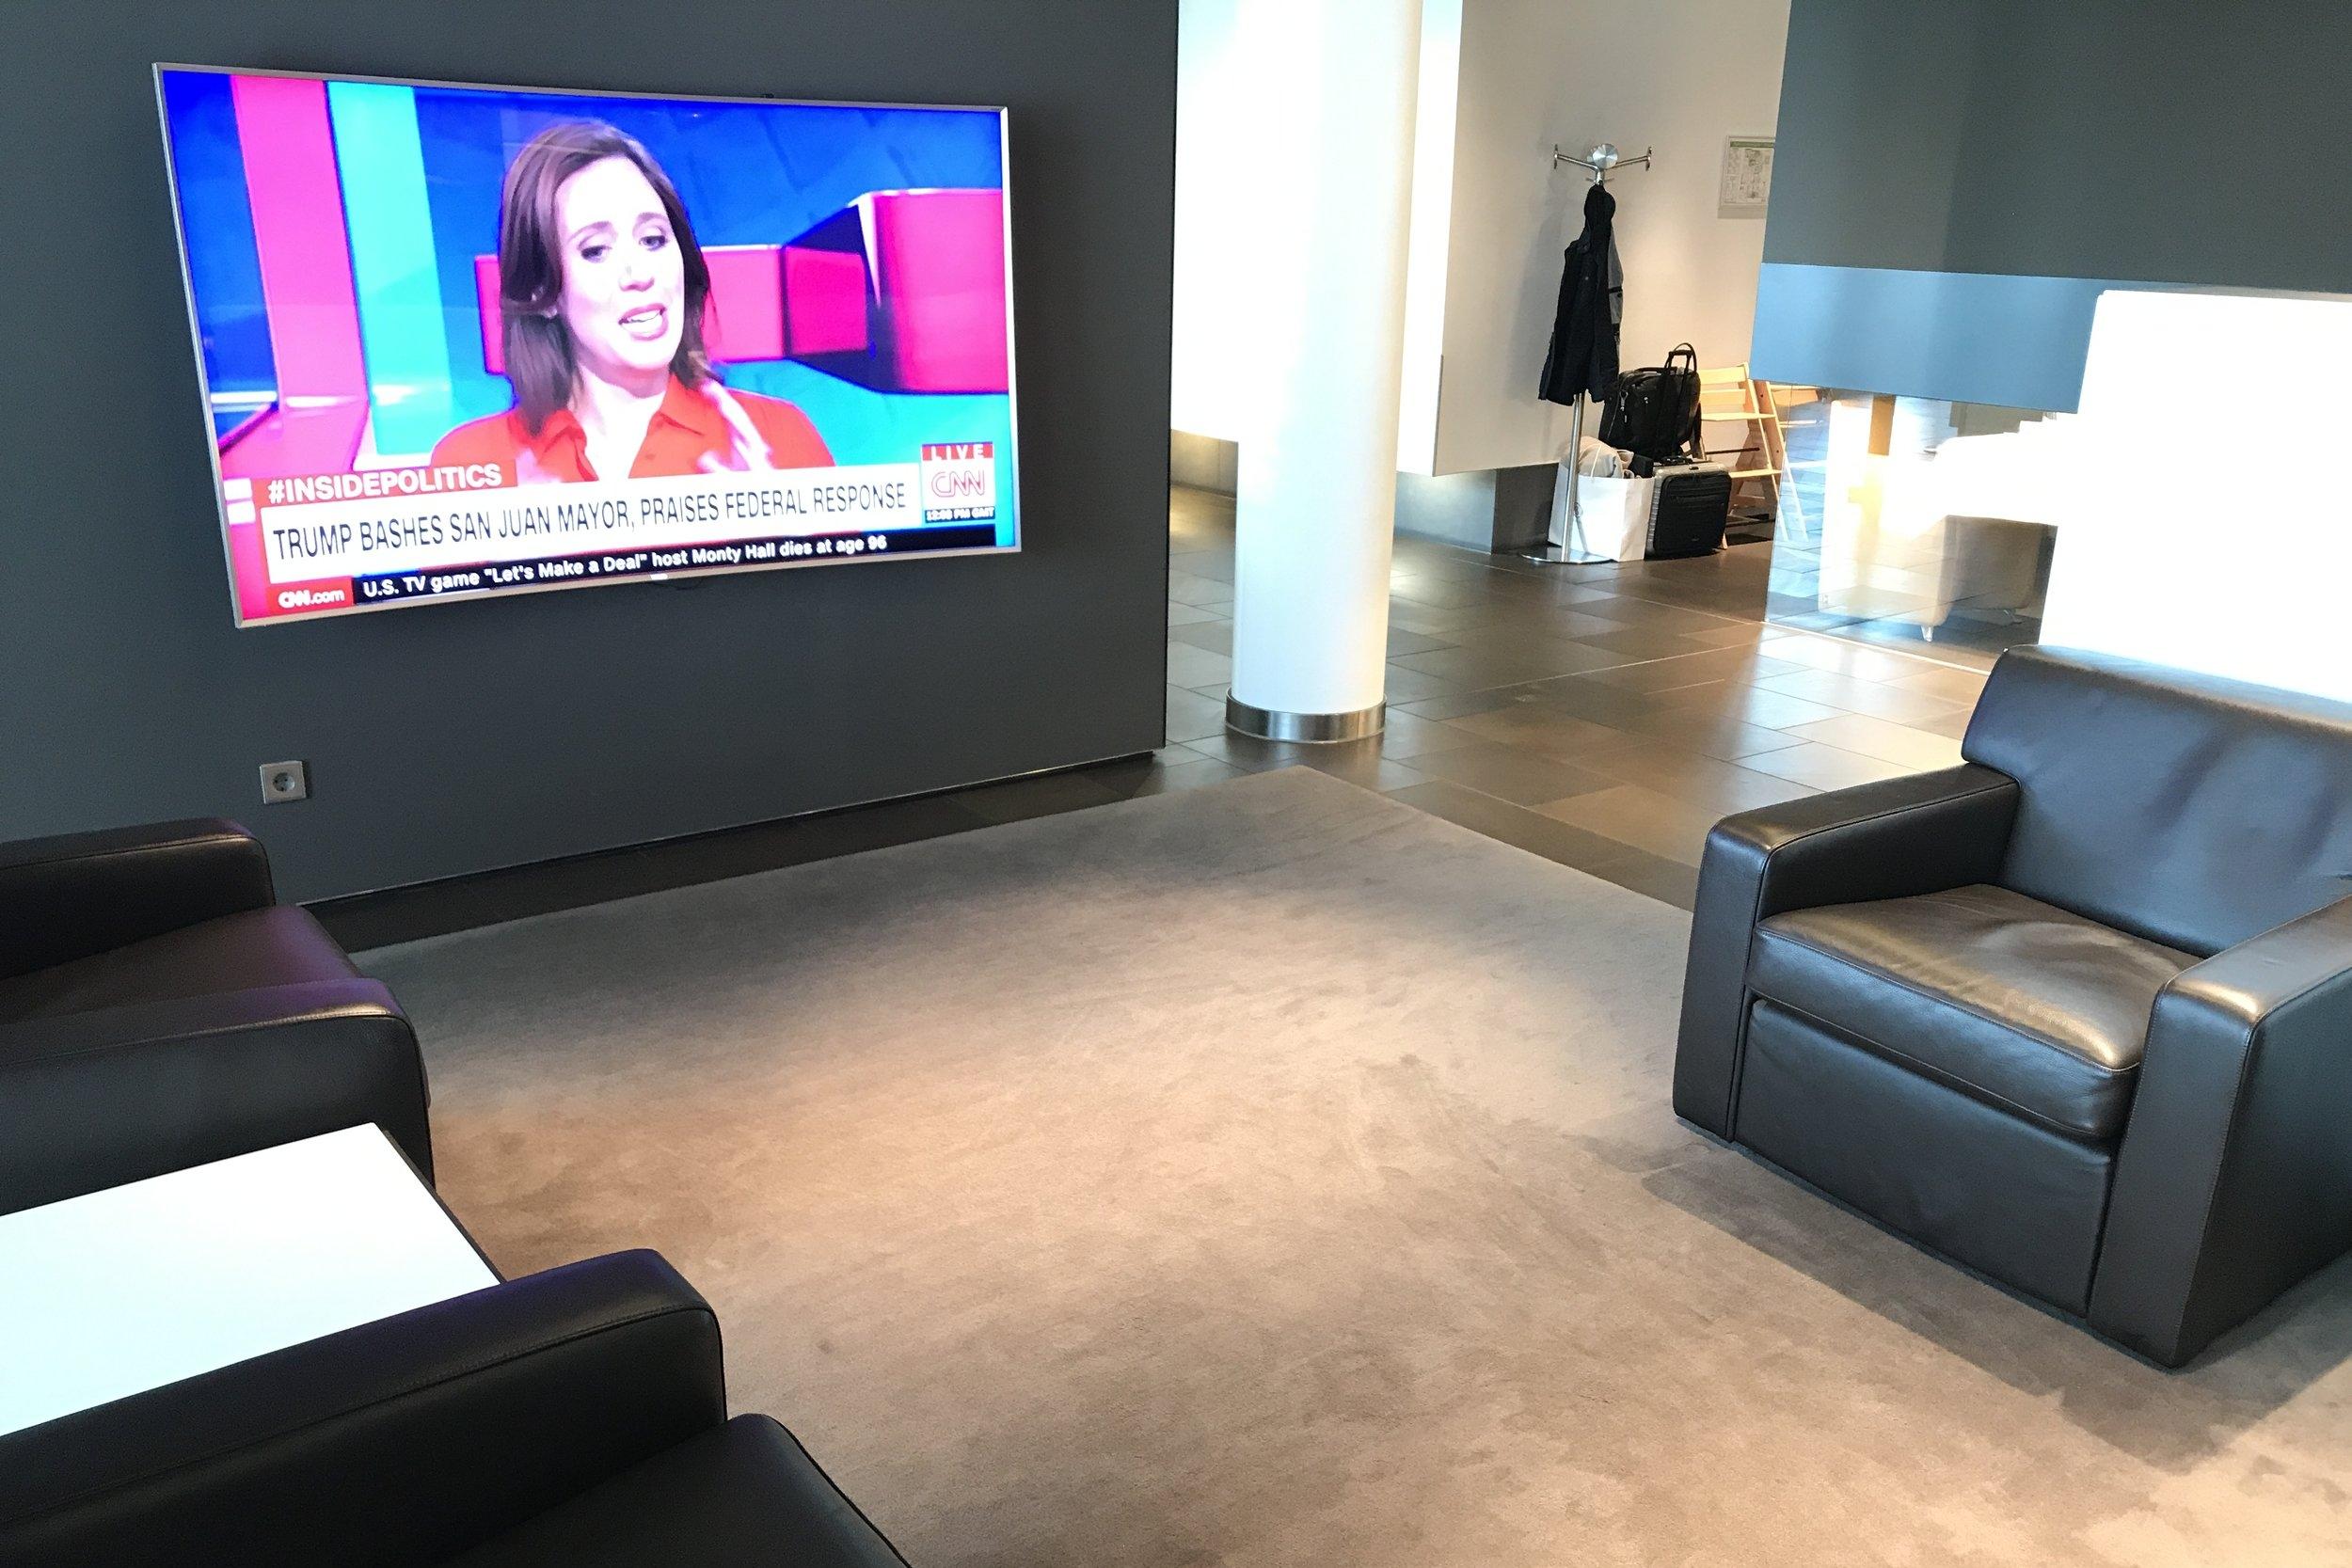 Lufthansa First Class Terminal Frankfurt – TV screen